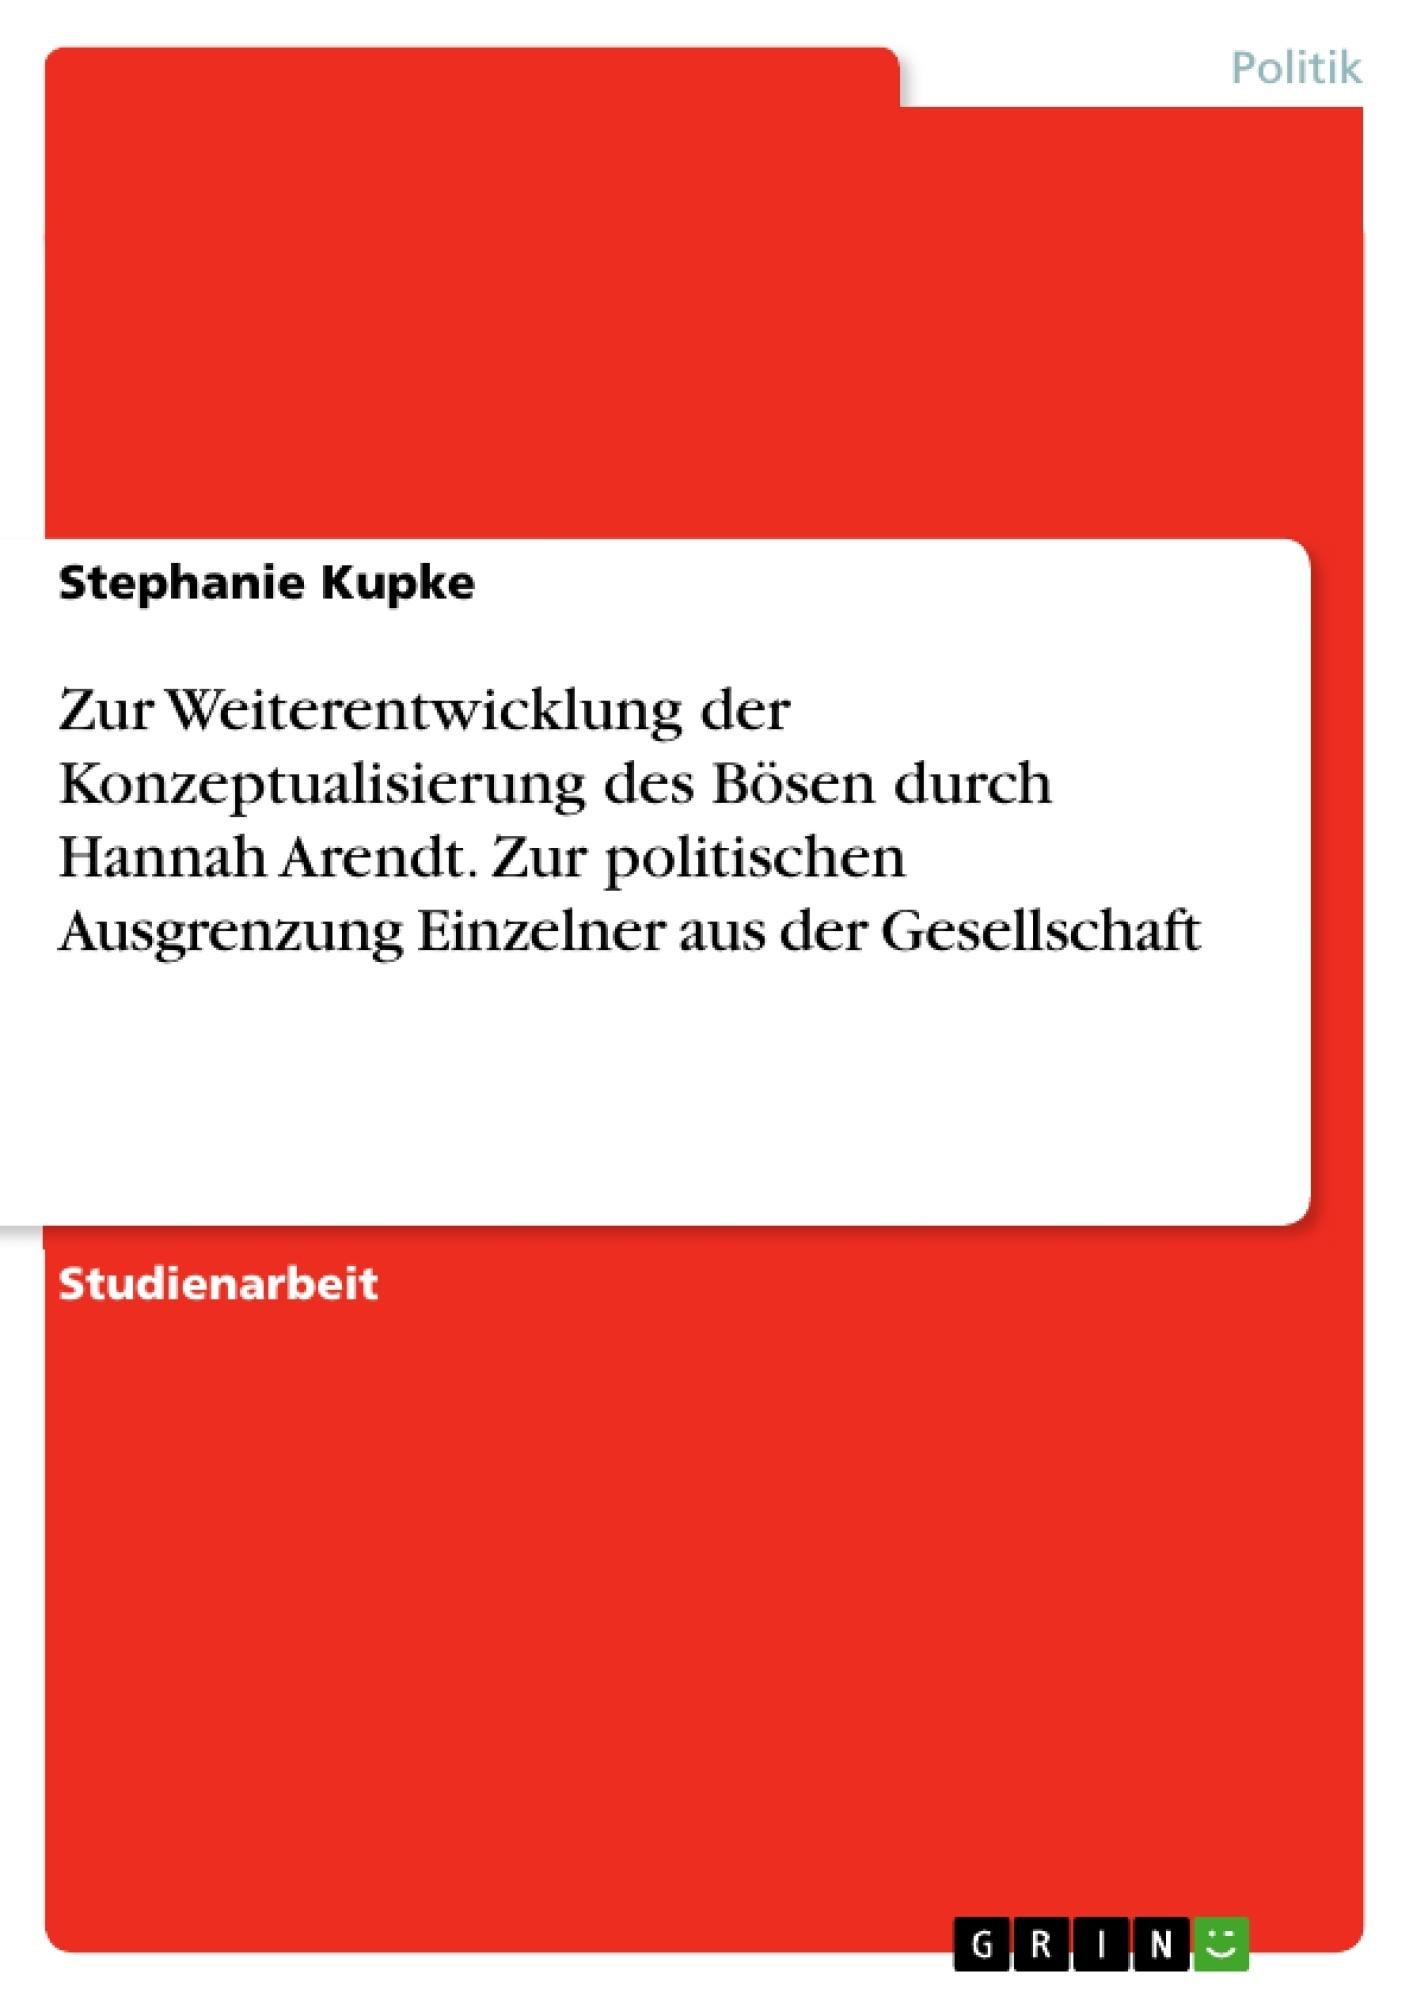 Titel: Zur Weiterentwicklung der Konzeptualisierung des Bösen durch Hannah Arendt. Zur politischen Ausgrenzung Einzelner aus der Gesellschaft